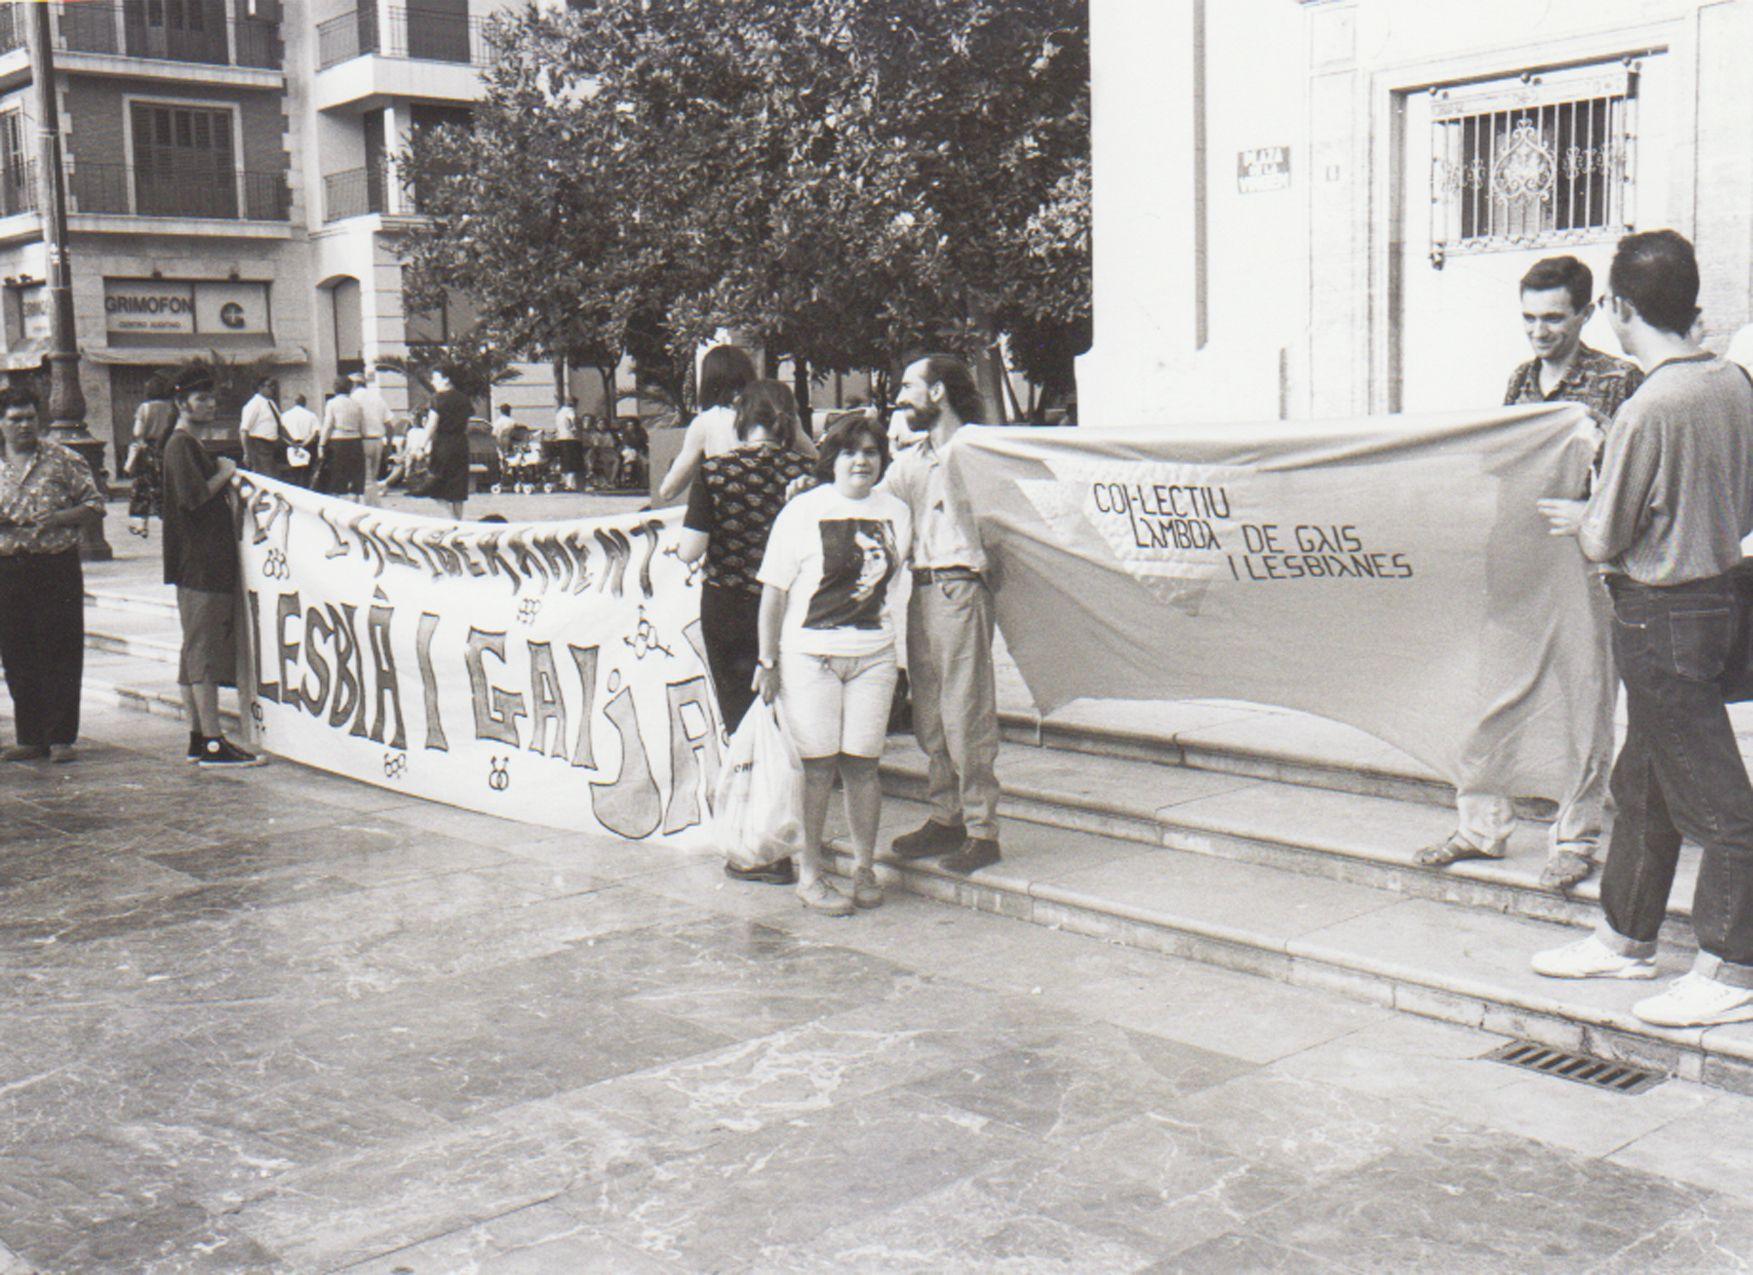 Manifestación de gais y lesbianas en 1993